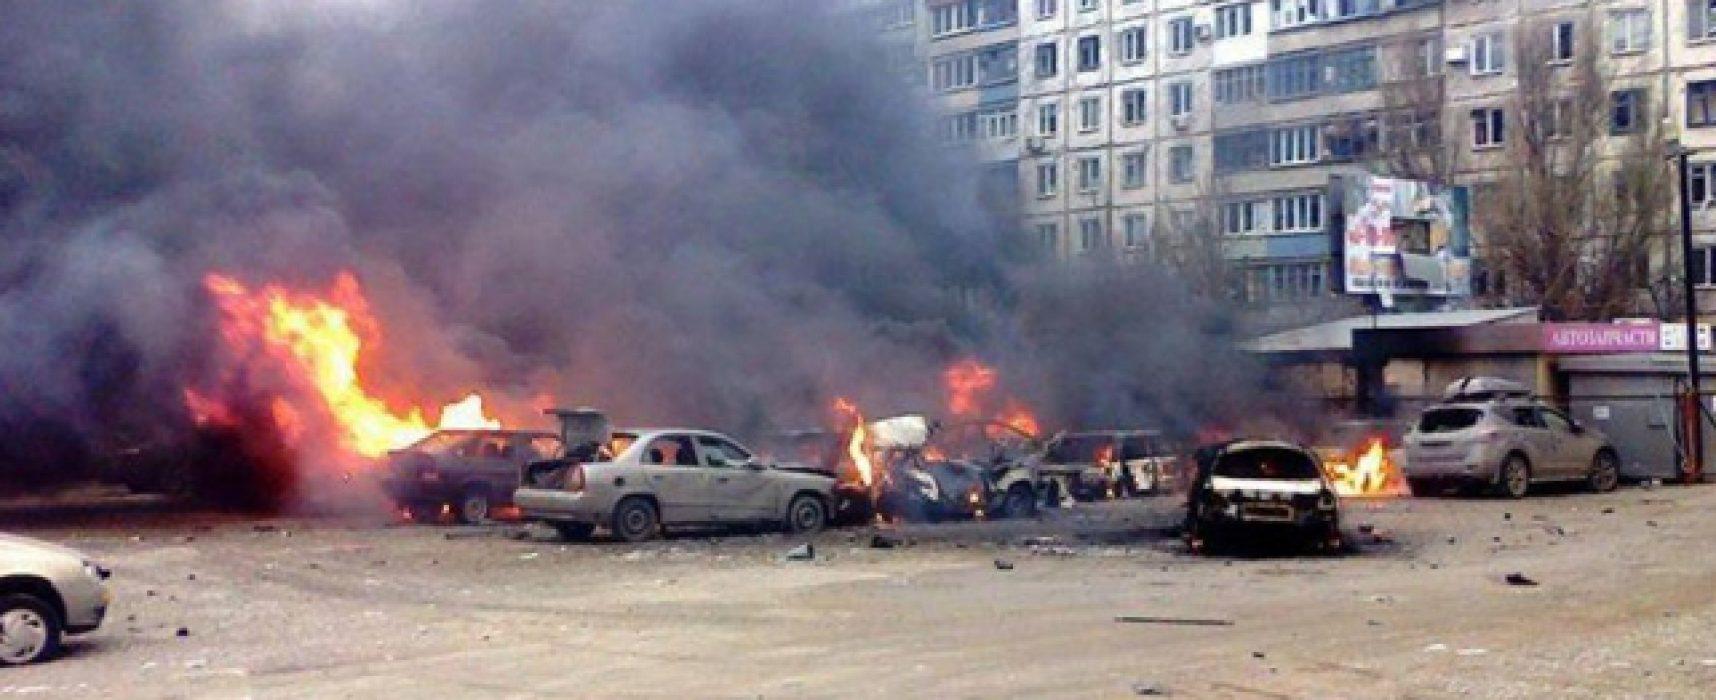 El aniversario del bombardeo de Mariupol: quién dirigió el ataque y lo que se sabe sobre ellos en 2019